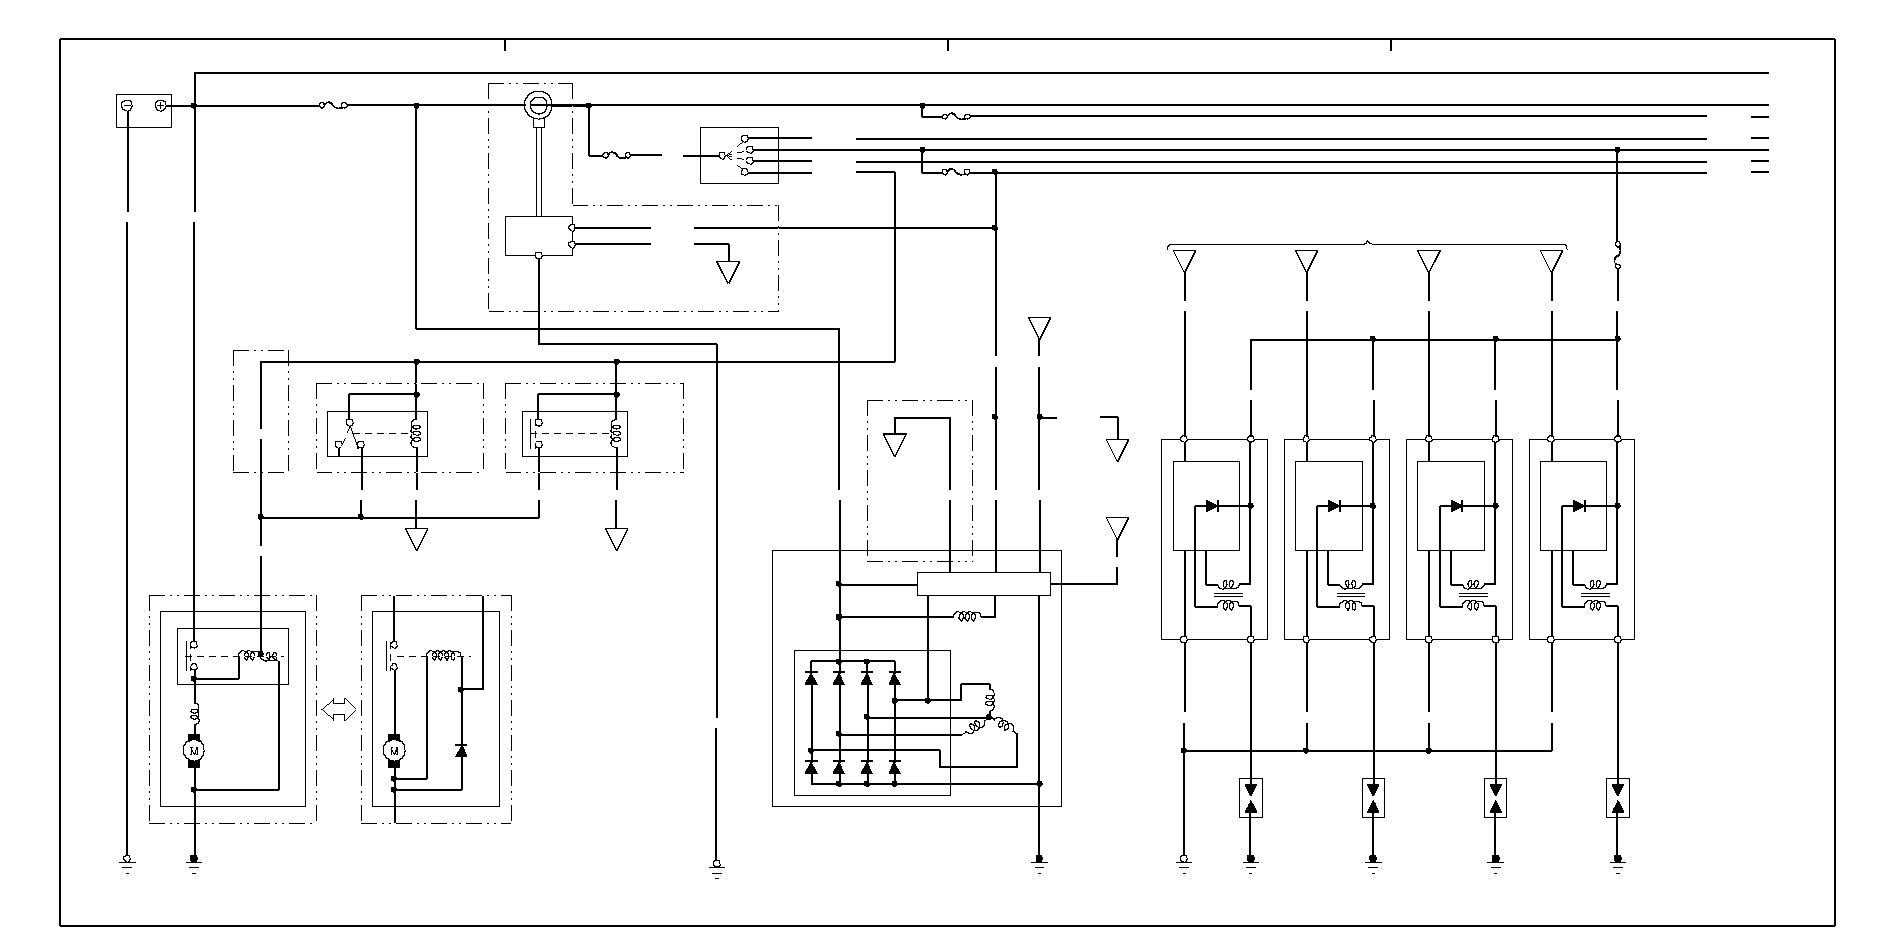 hight resolution of 2005 honda crv wiring diagram pdf wiring diagrams u2022 2004 honda cr v wiring diagram 2002 honda crv stereo wiring diagram